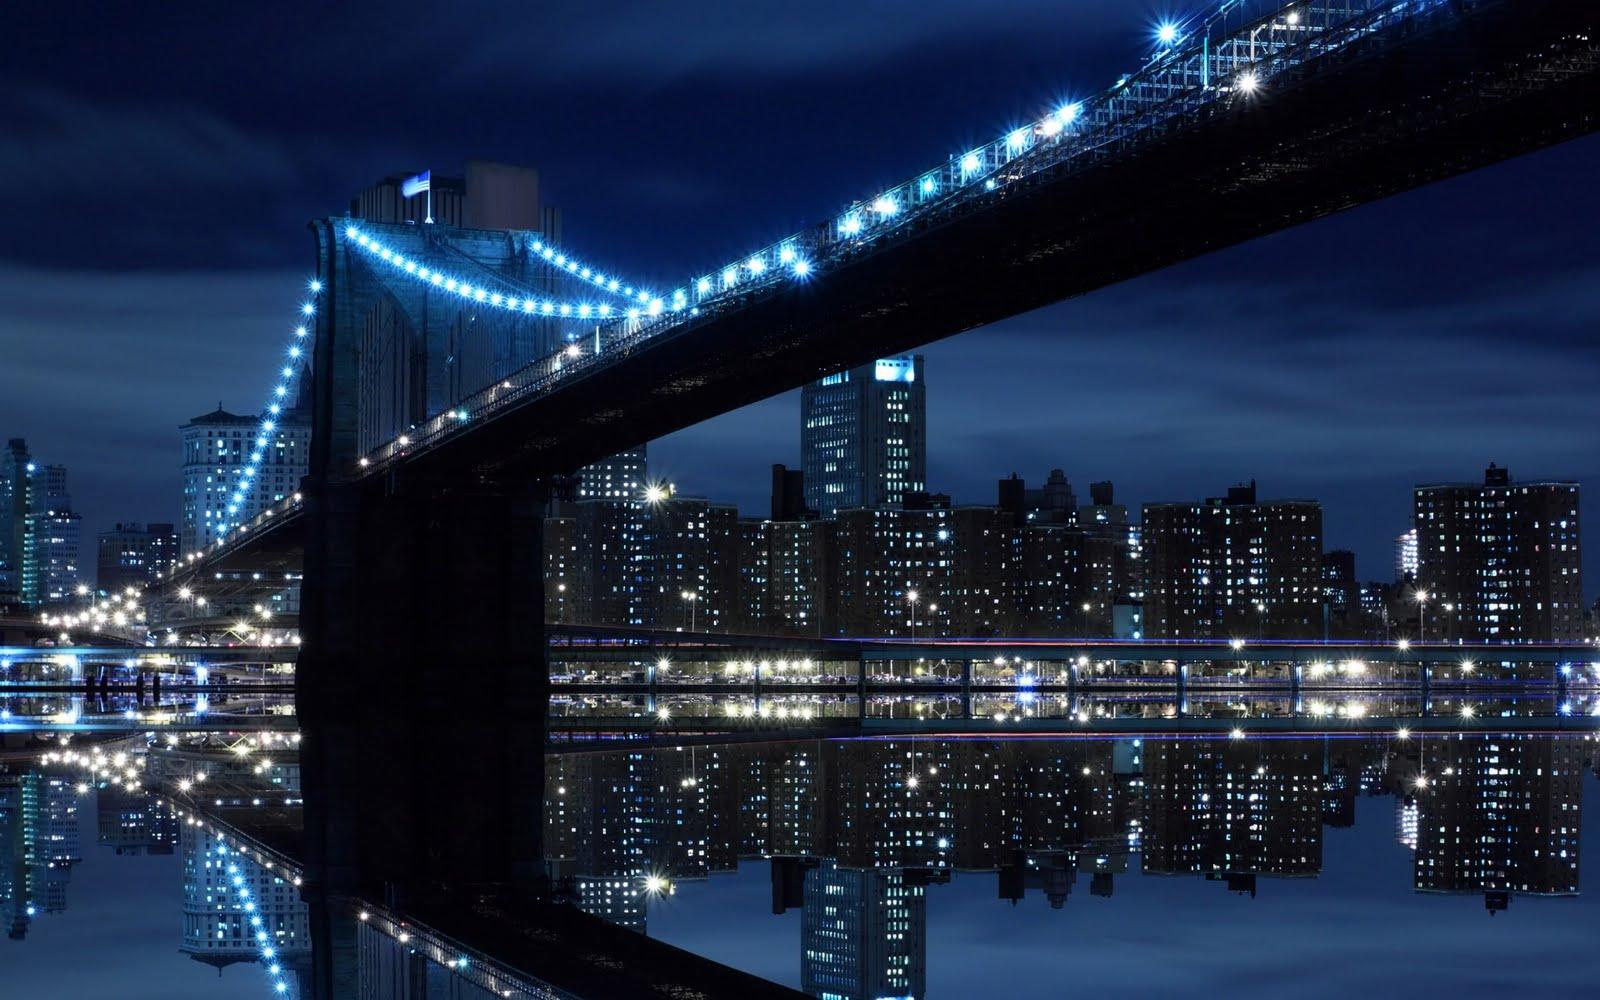 http://1.bp.blogspot.com/-6or1BJhfJXQ/Tde3DWBLkYI/AAAAAAAACHk/ylO0SPxIjrE/s1600/bridge_9.jpg